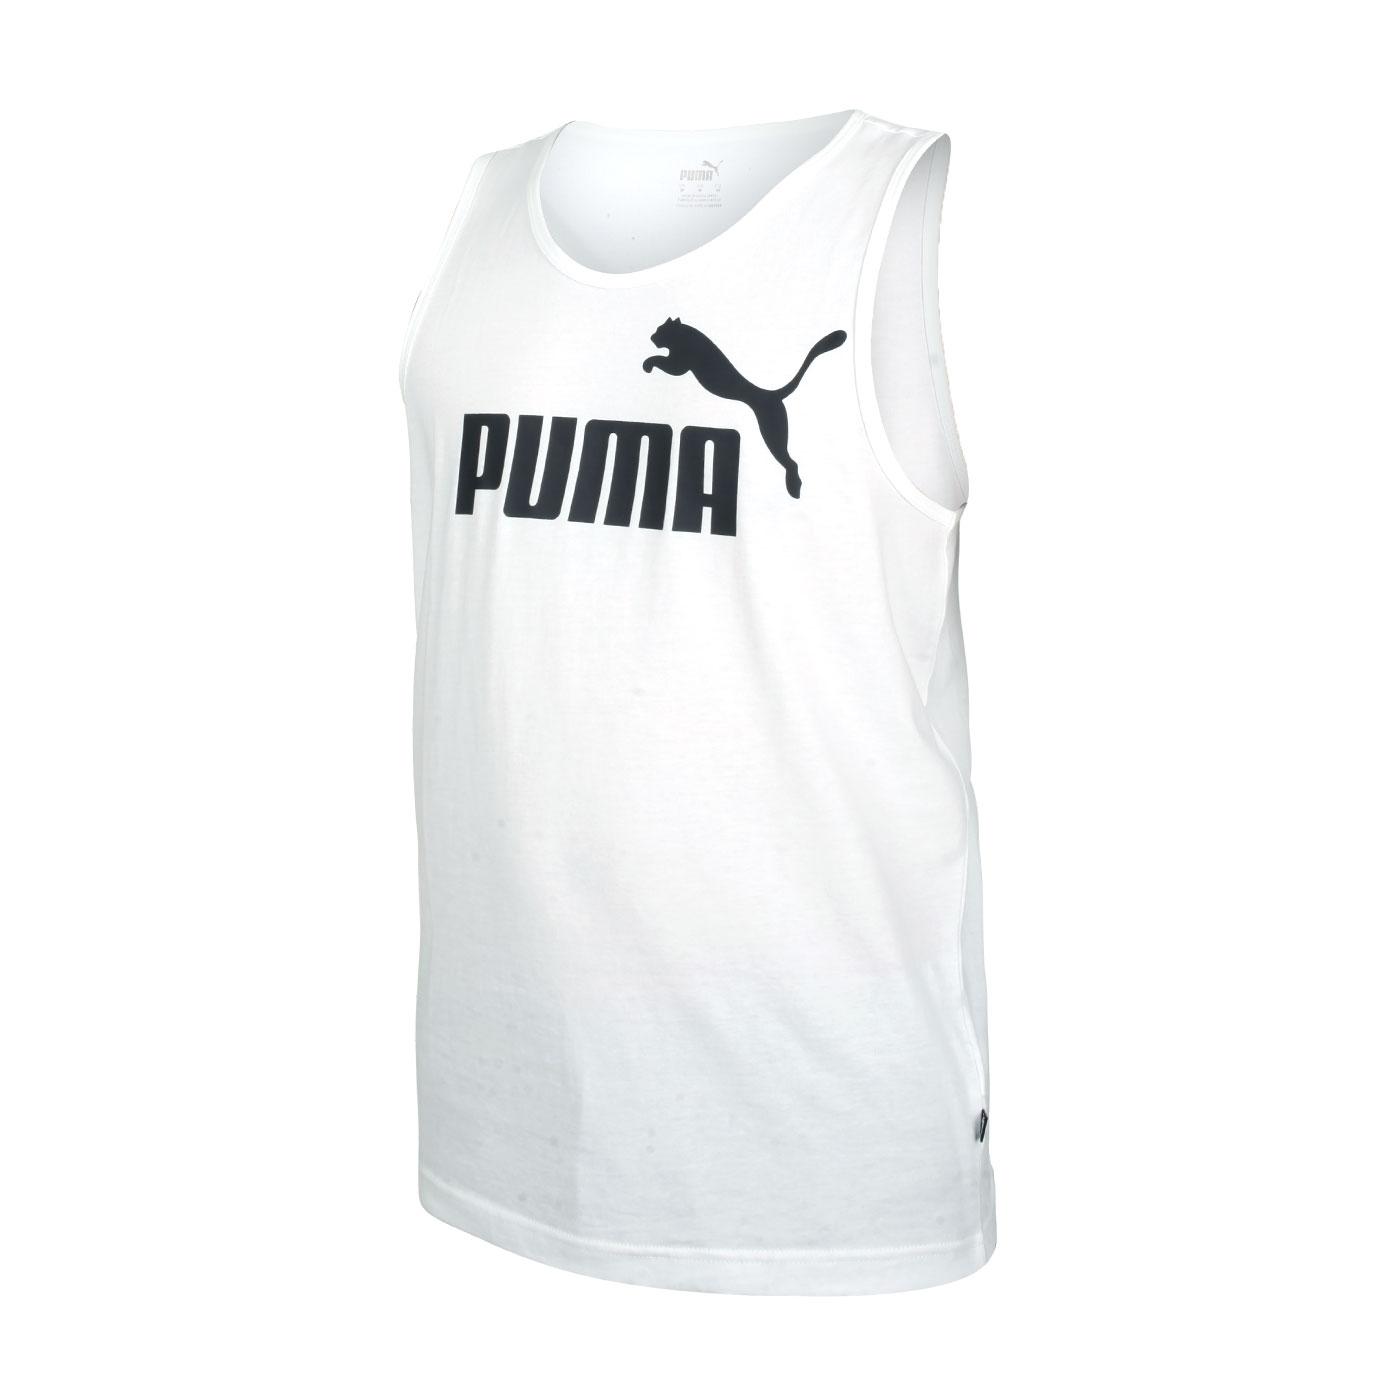 PUMA 男款Logo休閒背心 58667002 - 白黑